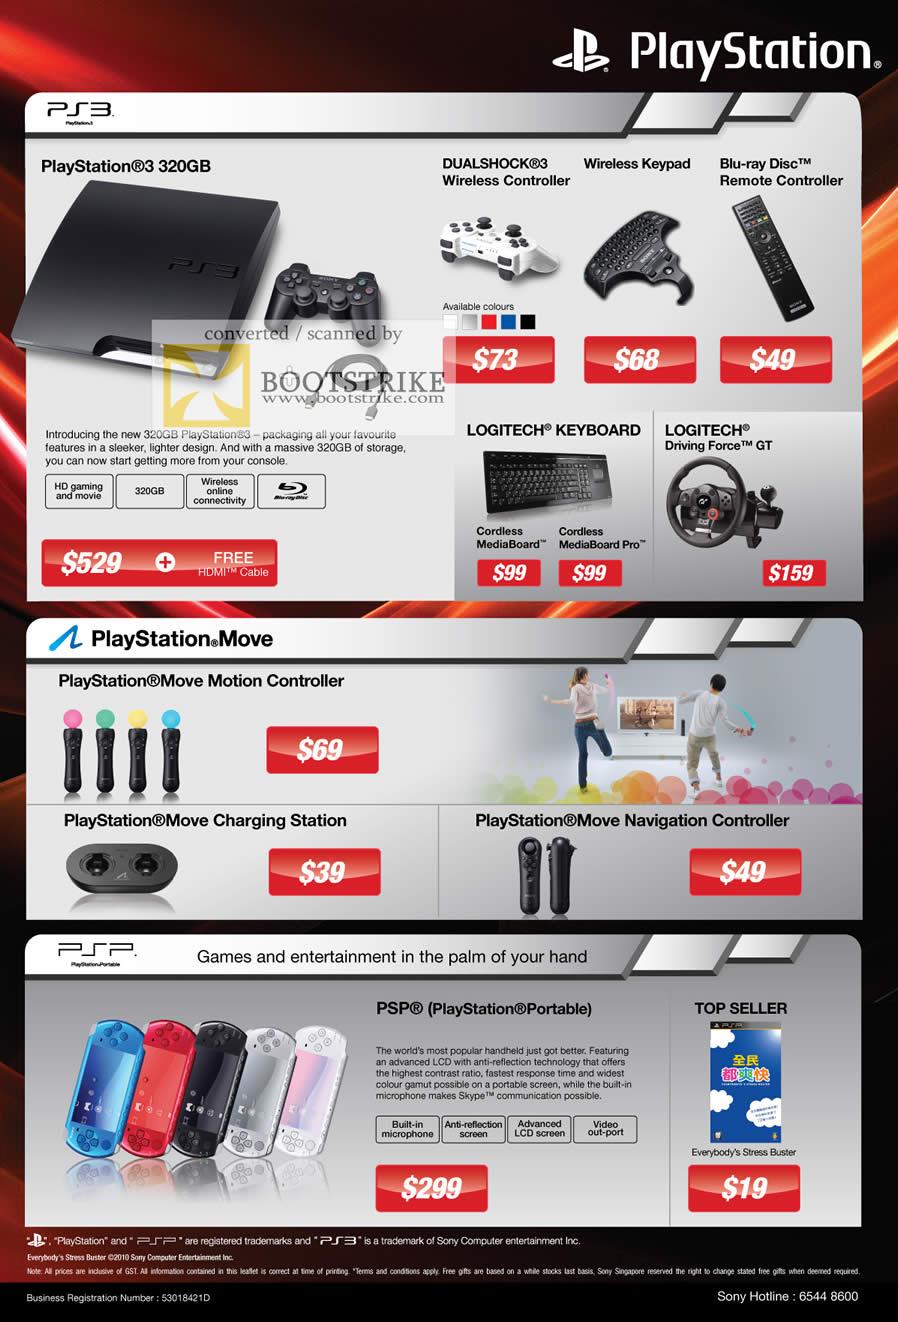 Sony Playstation 3 PS3 320GB Dualshock 3 Wireless Blu Ray